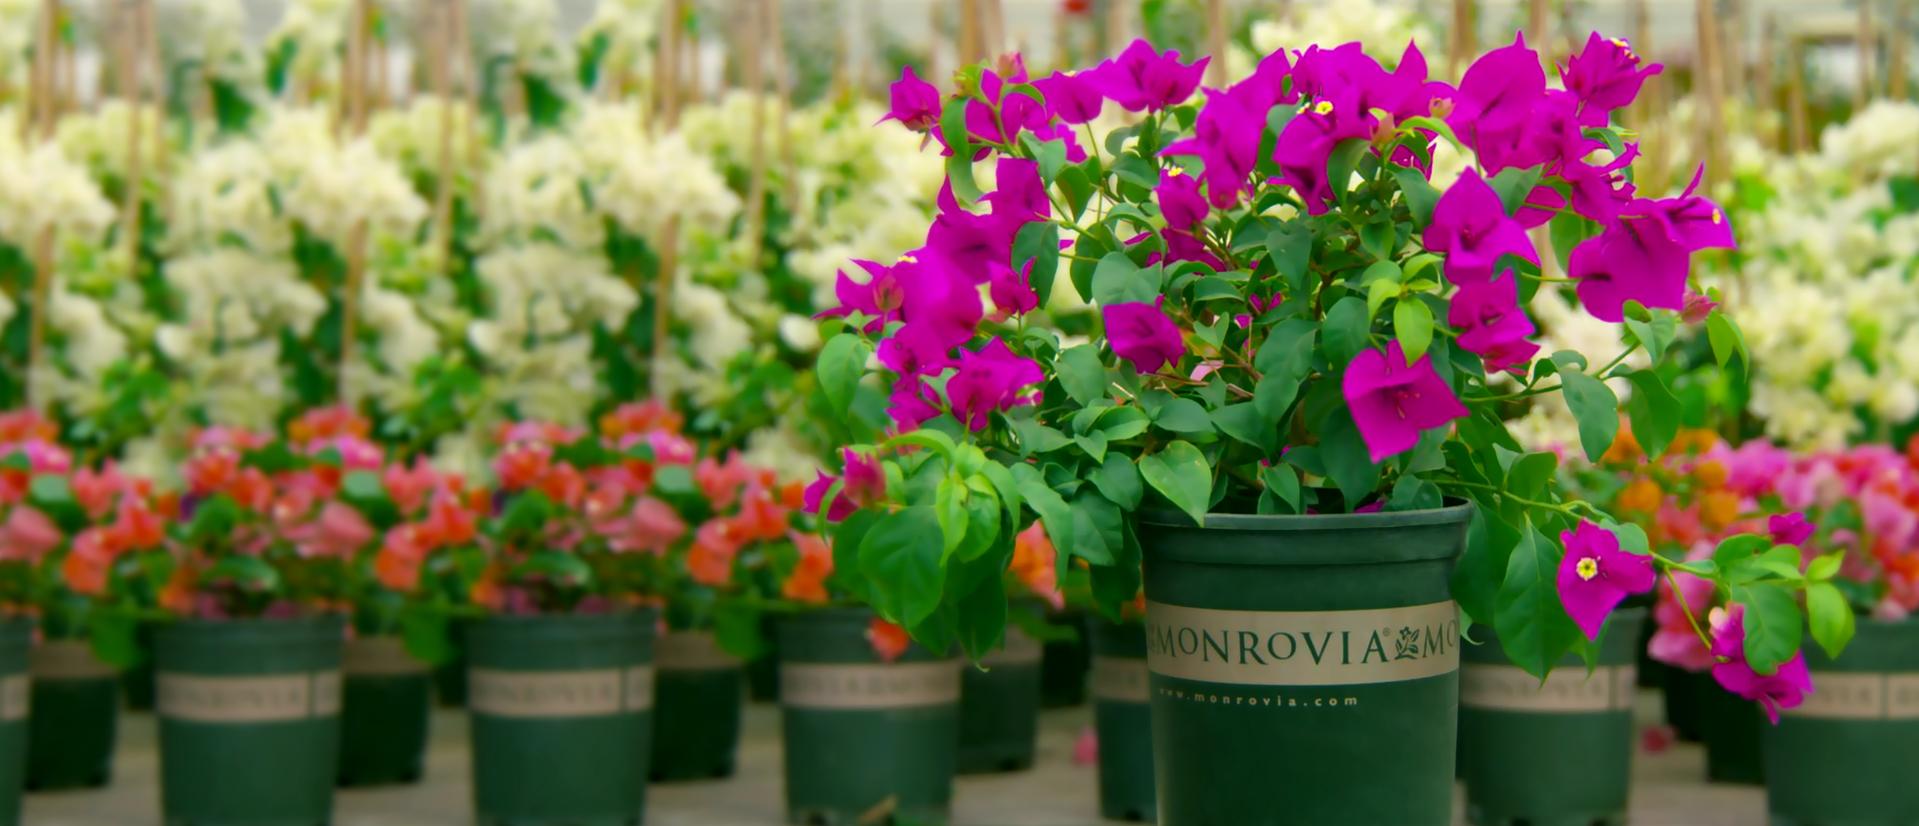 Monrovia The Greenery